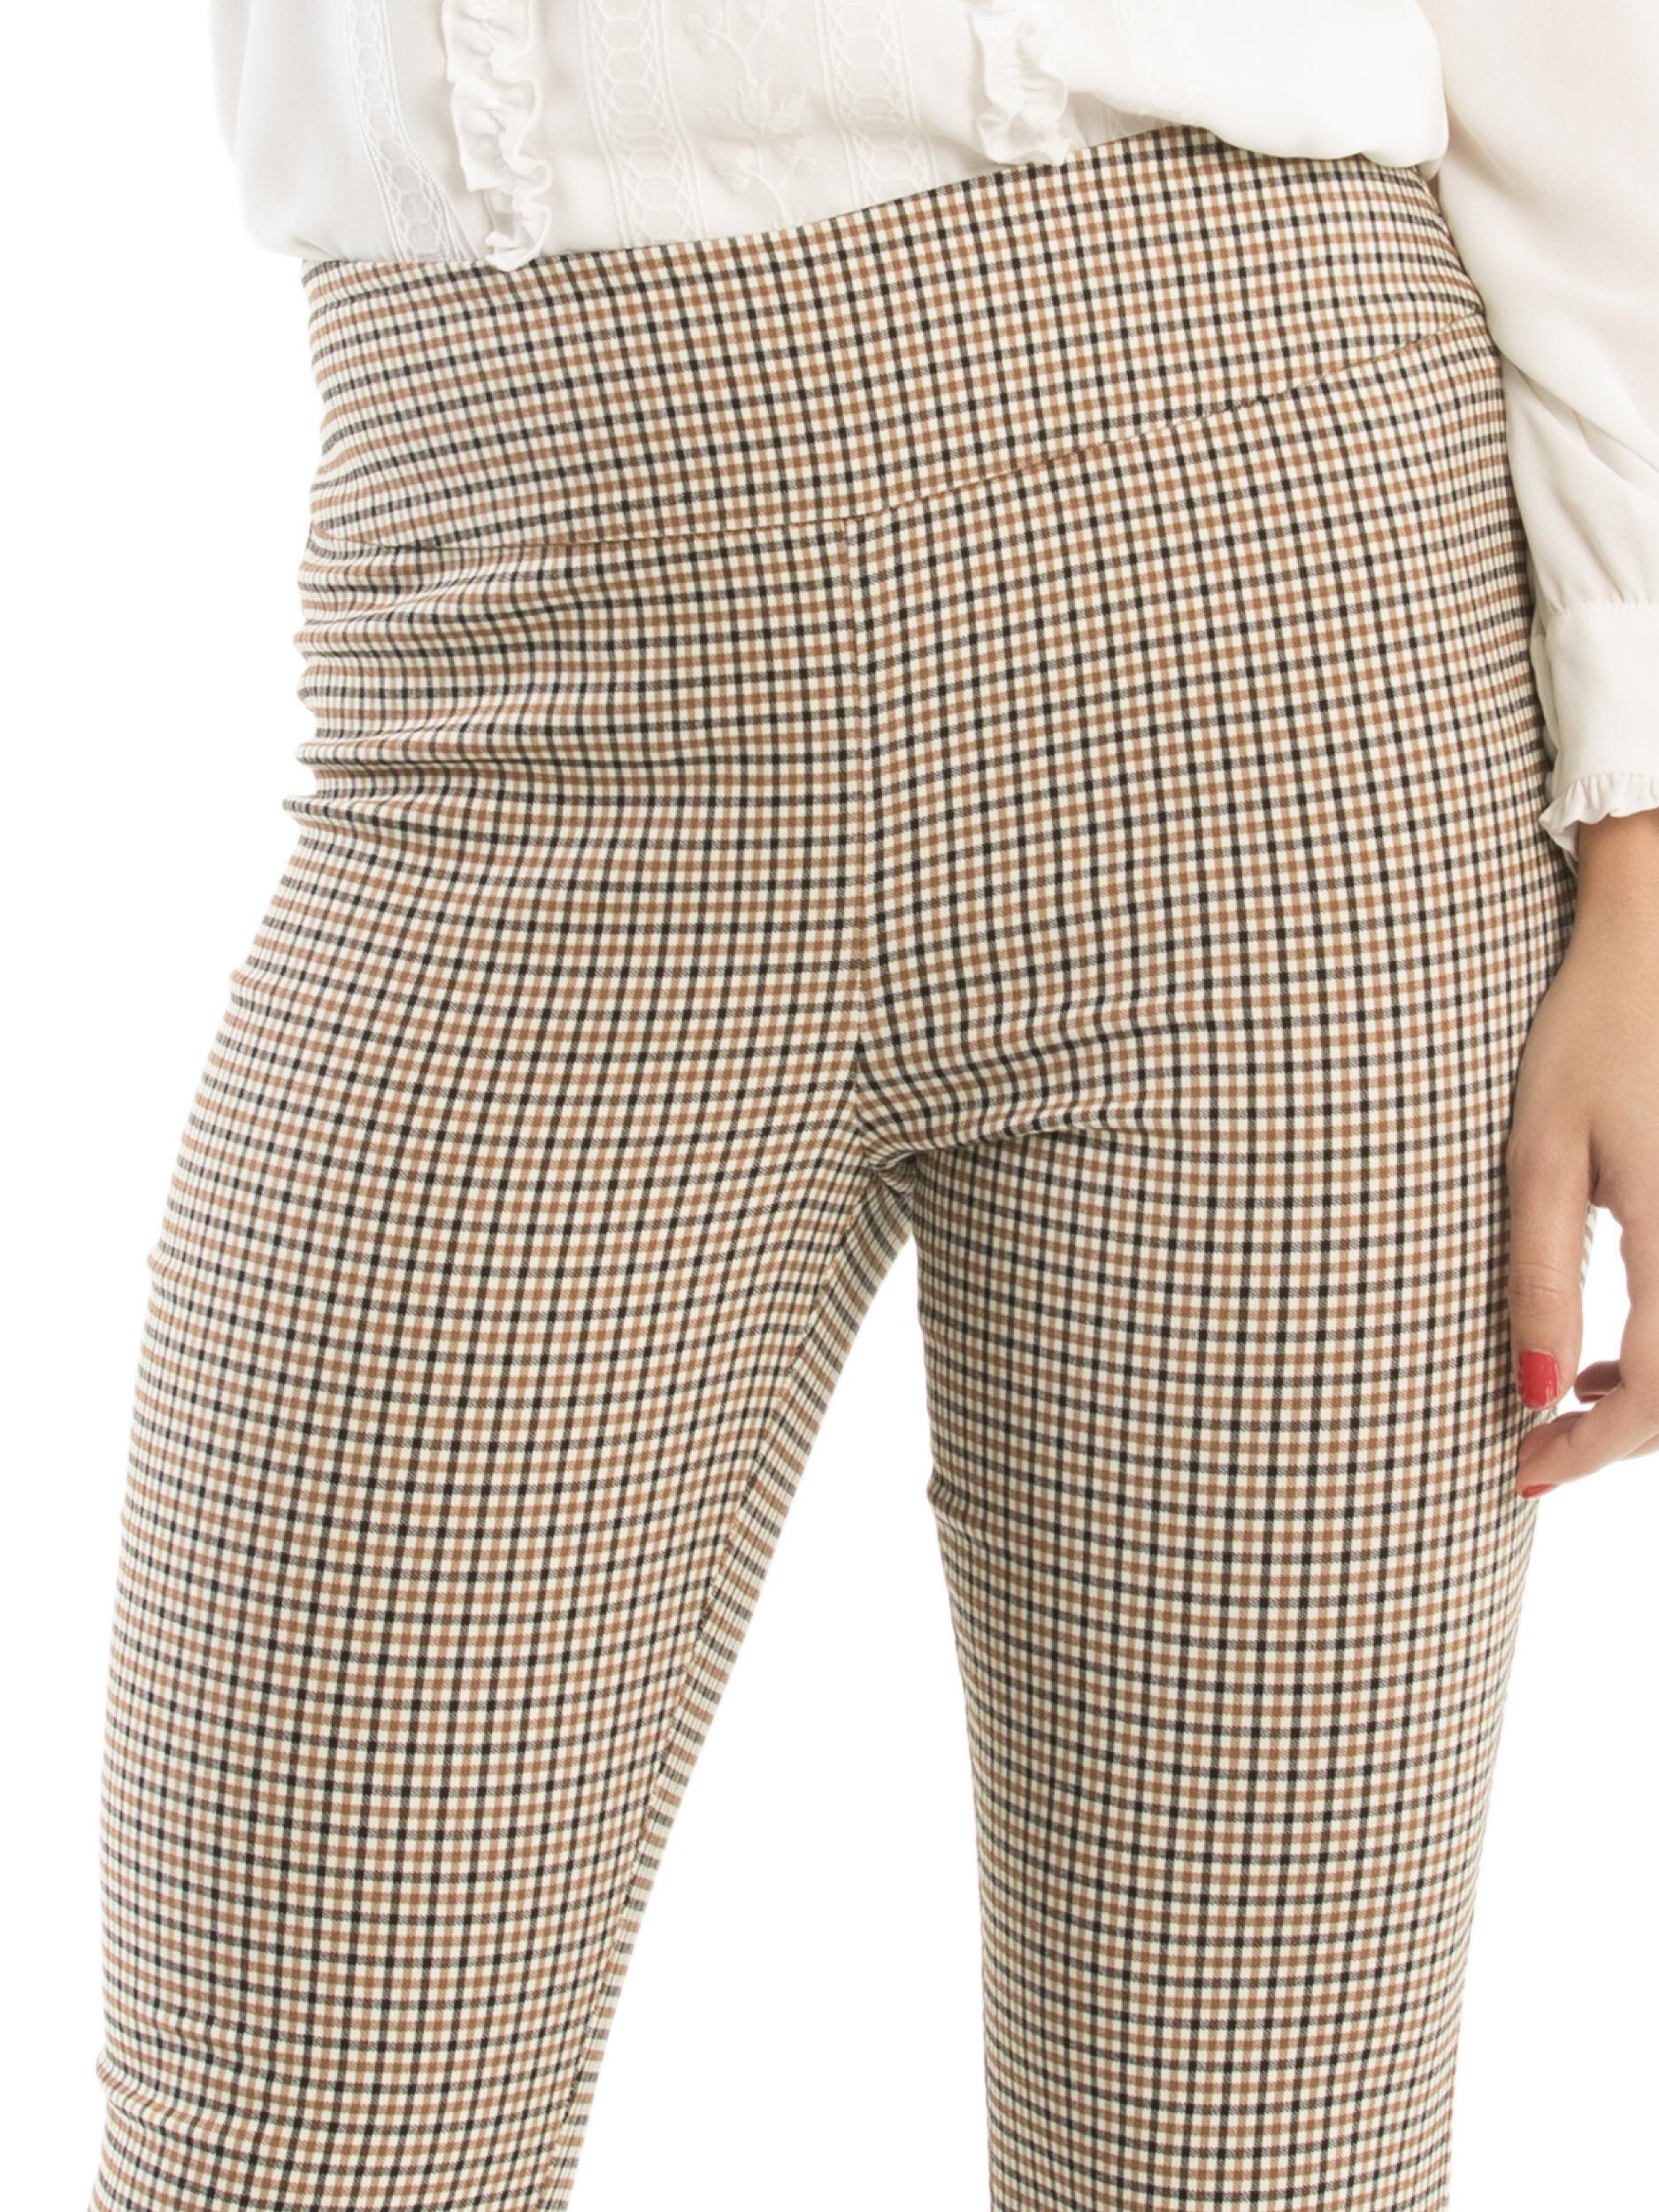 Chelsea Check Pants